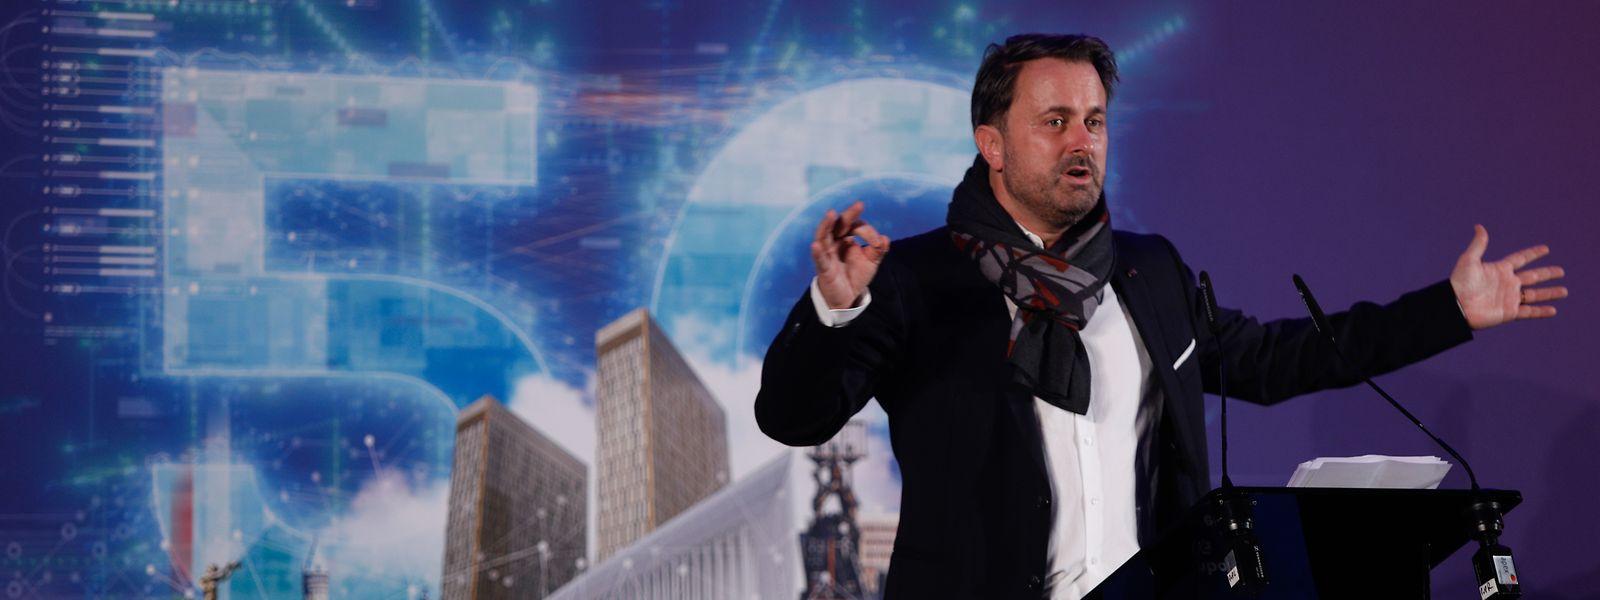 Mit offenen Armen der Zukunft entgegen: In Luxemburg treibt der Kommunikations- und Medienminister Xavier Bettel die Einführung des 5G-Mobilfunknetzes voran.